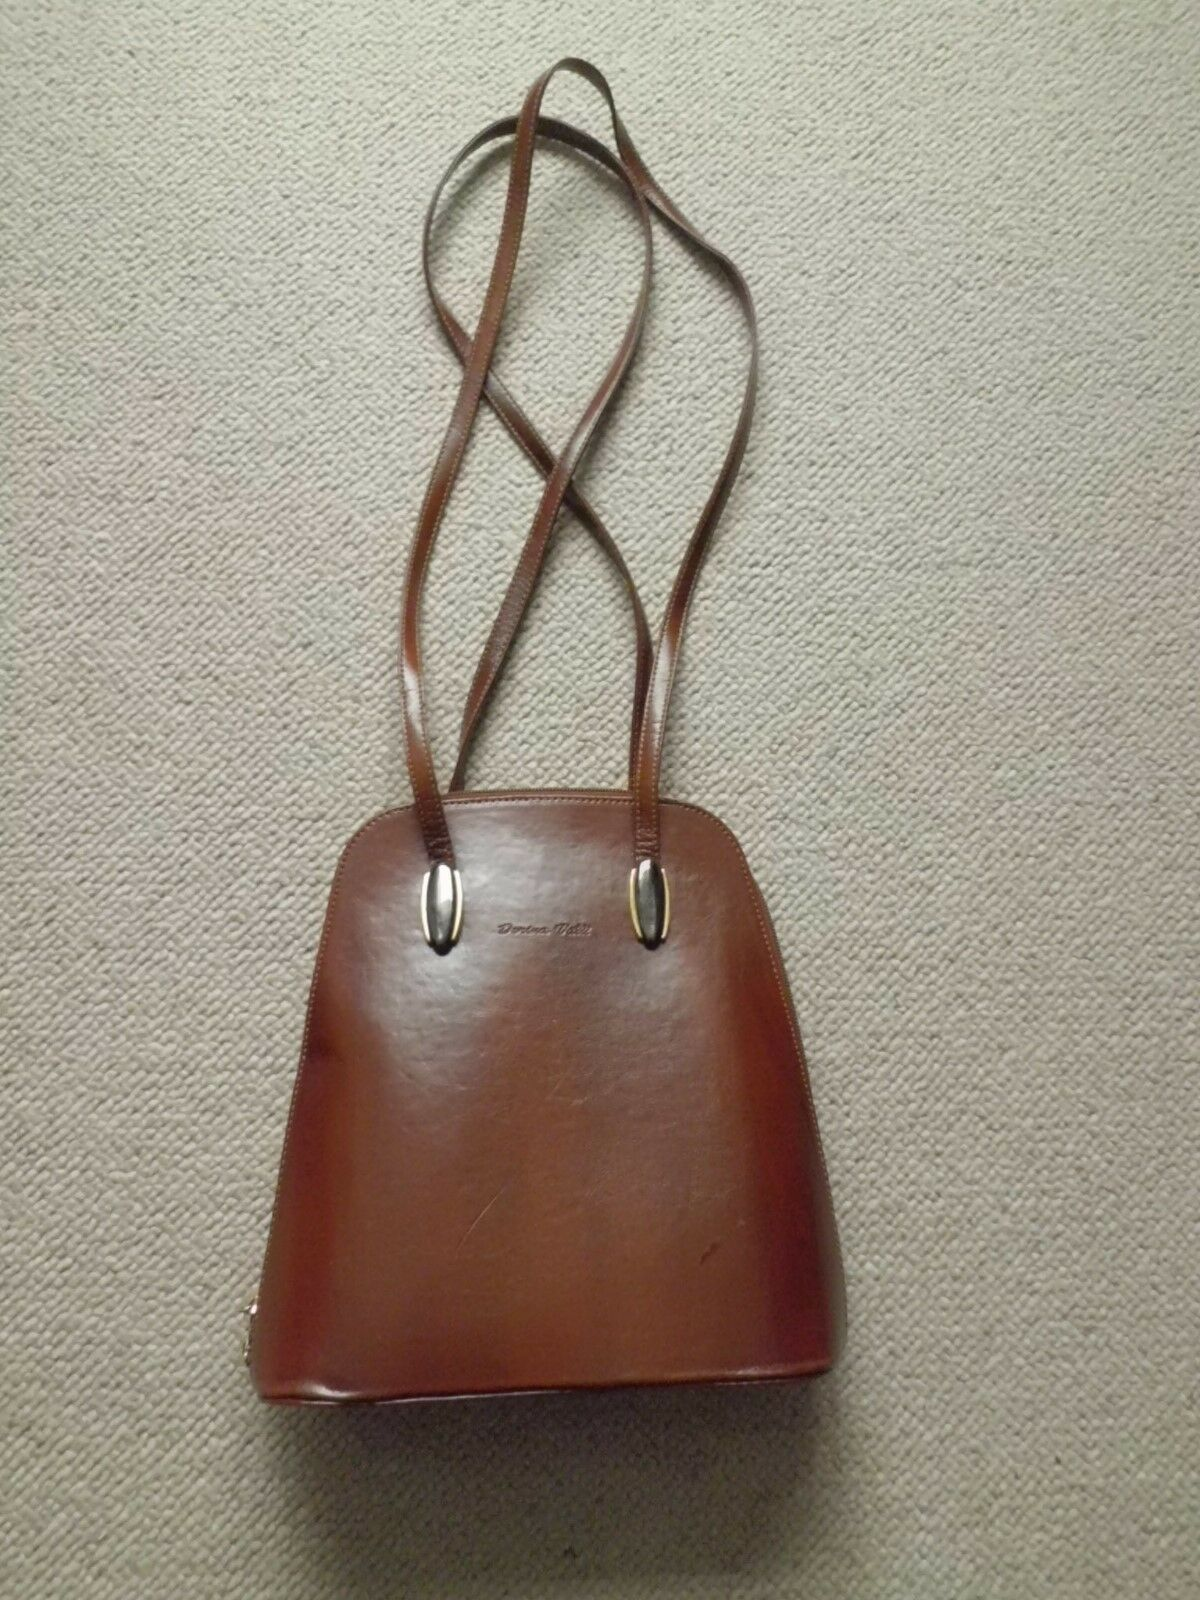 82f6a3f860365 Handtasche Mit Langen Henkel Test Vergleich +++ Handtasche Mit ...